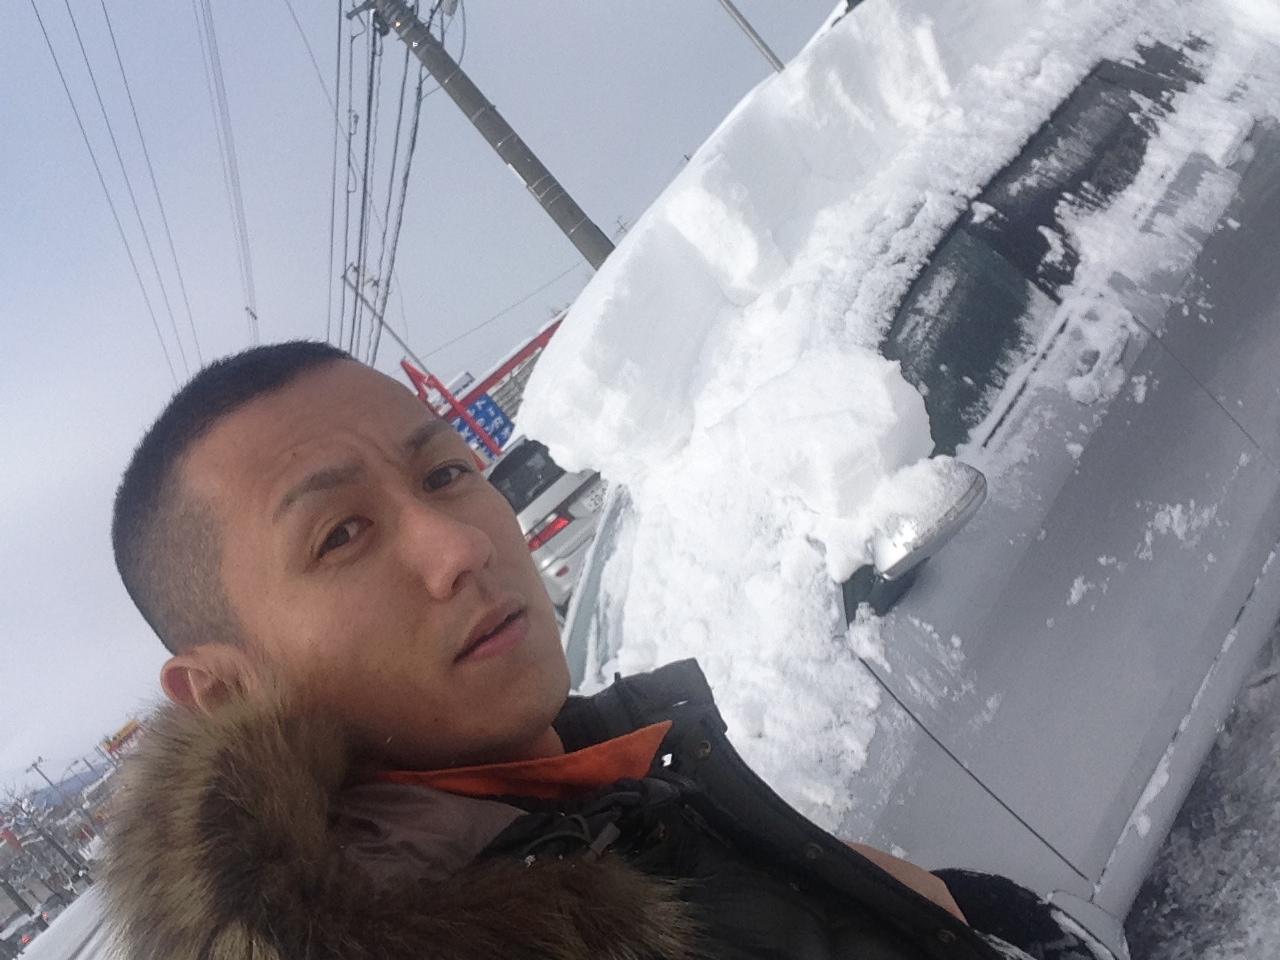 東京オートサロン準備の予定が除雪始めに、明寿ブログ、ランクル200ディーゼル_b0127002_20474611.jpg